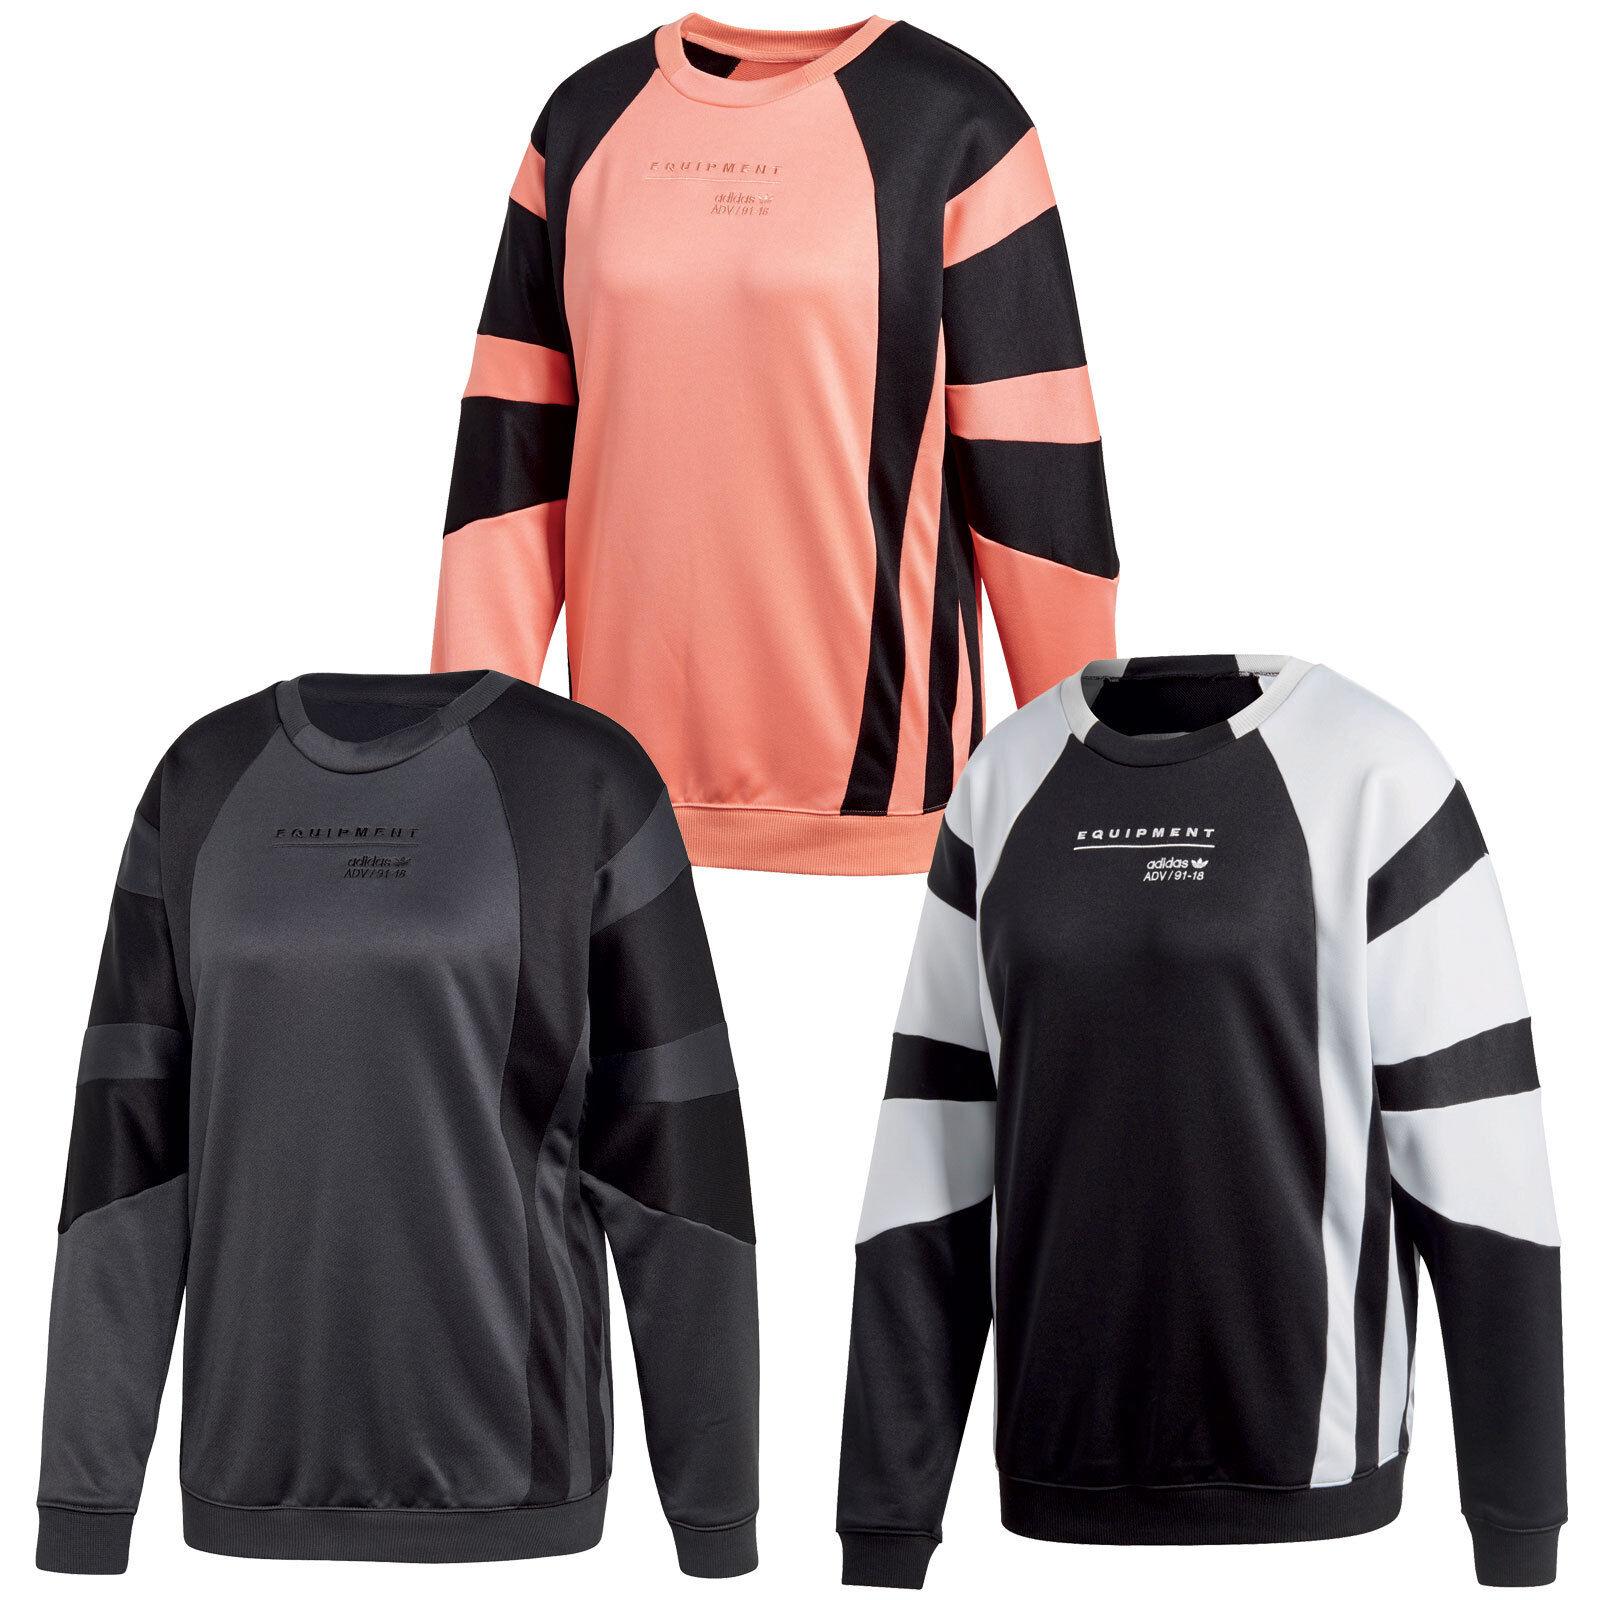 Adidas Originals EQT Felszerelés Pulóver Női pulóver Sweat Crewneck